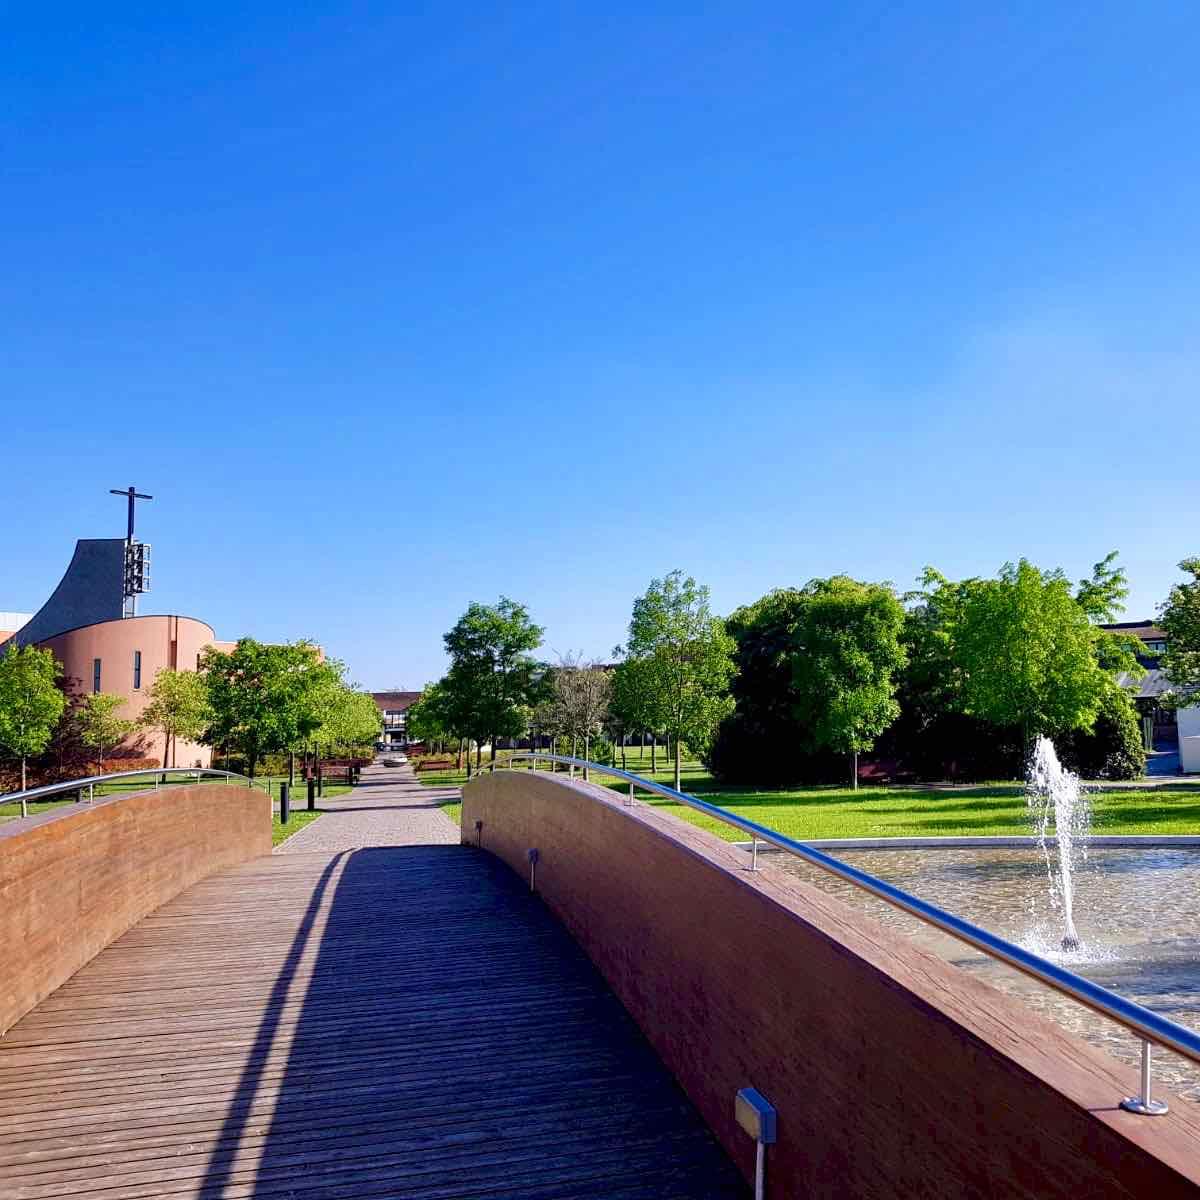 Visita strutture anziani Padova 2019.05.08-09 07